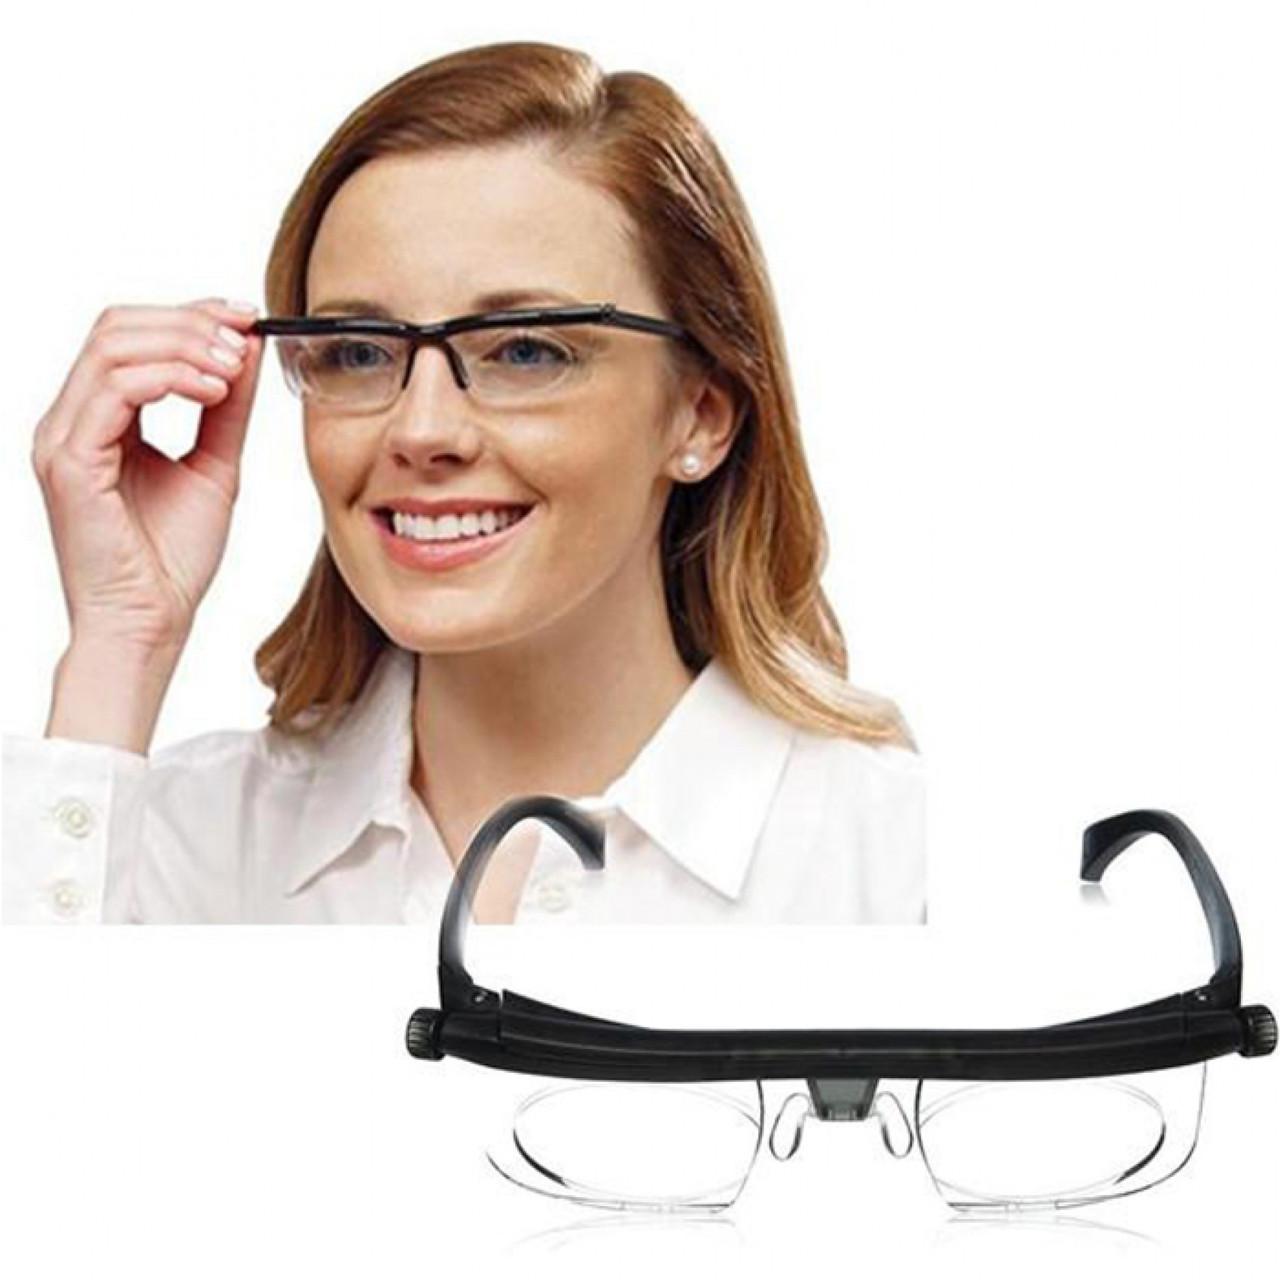 Окуляри з регулюванням діоптрій лінз Dial Vision, універсальні окуляри для зору з доставкою